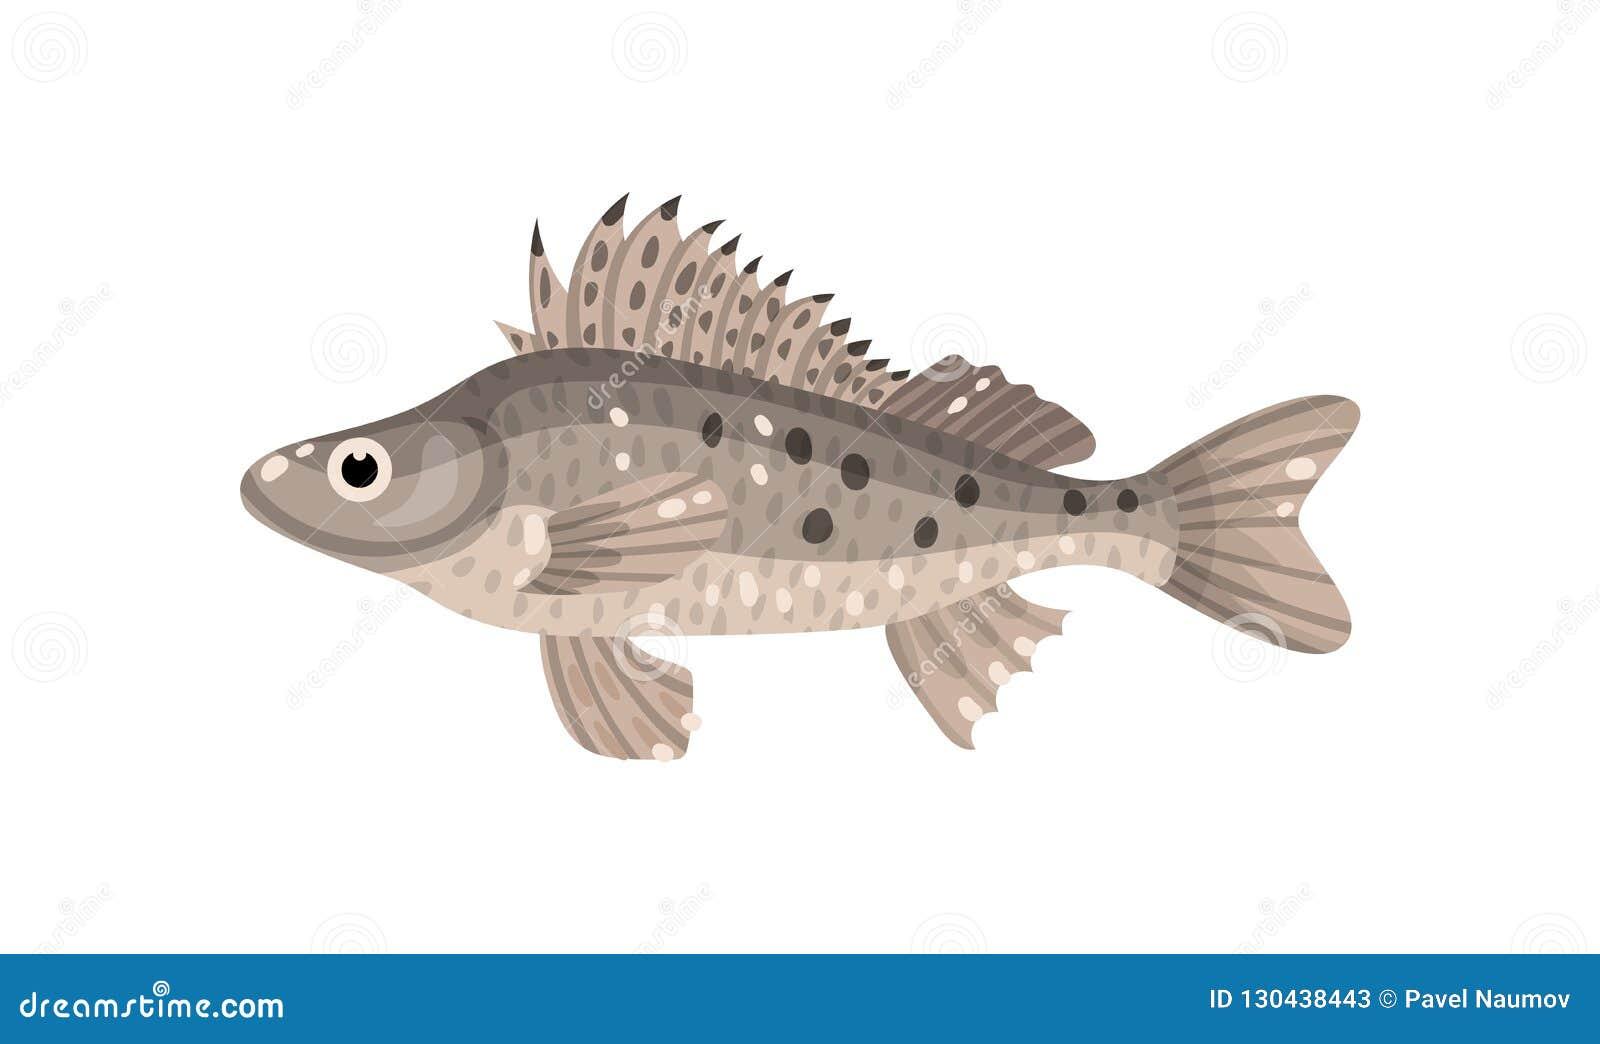 Ψάρια Ruffe με τα ακανθωτά πτερύγια Αρπακτικό θαλάσσιο ζώο Πλάσμα θάλασσας Υποβρύχιο θέμα ζωής Επίπεδο διανυσματικό σχέδιο